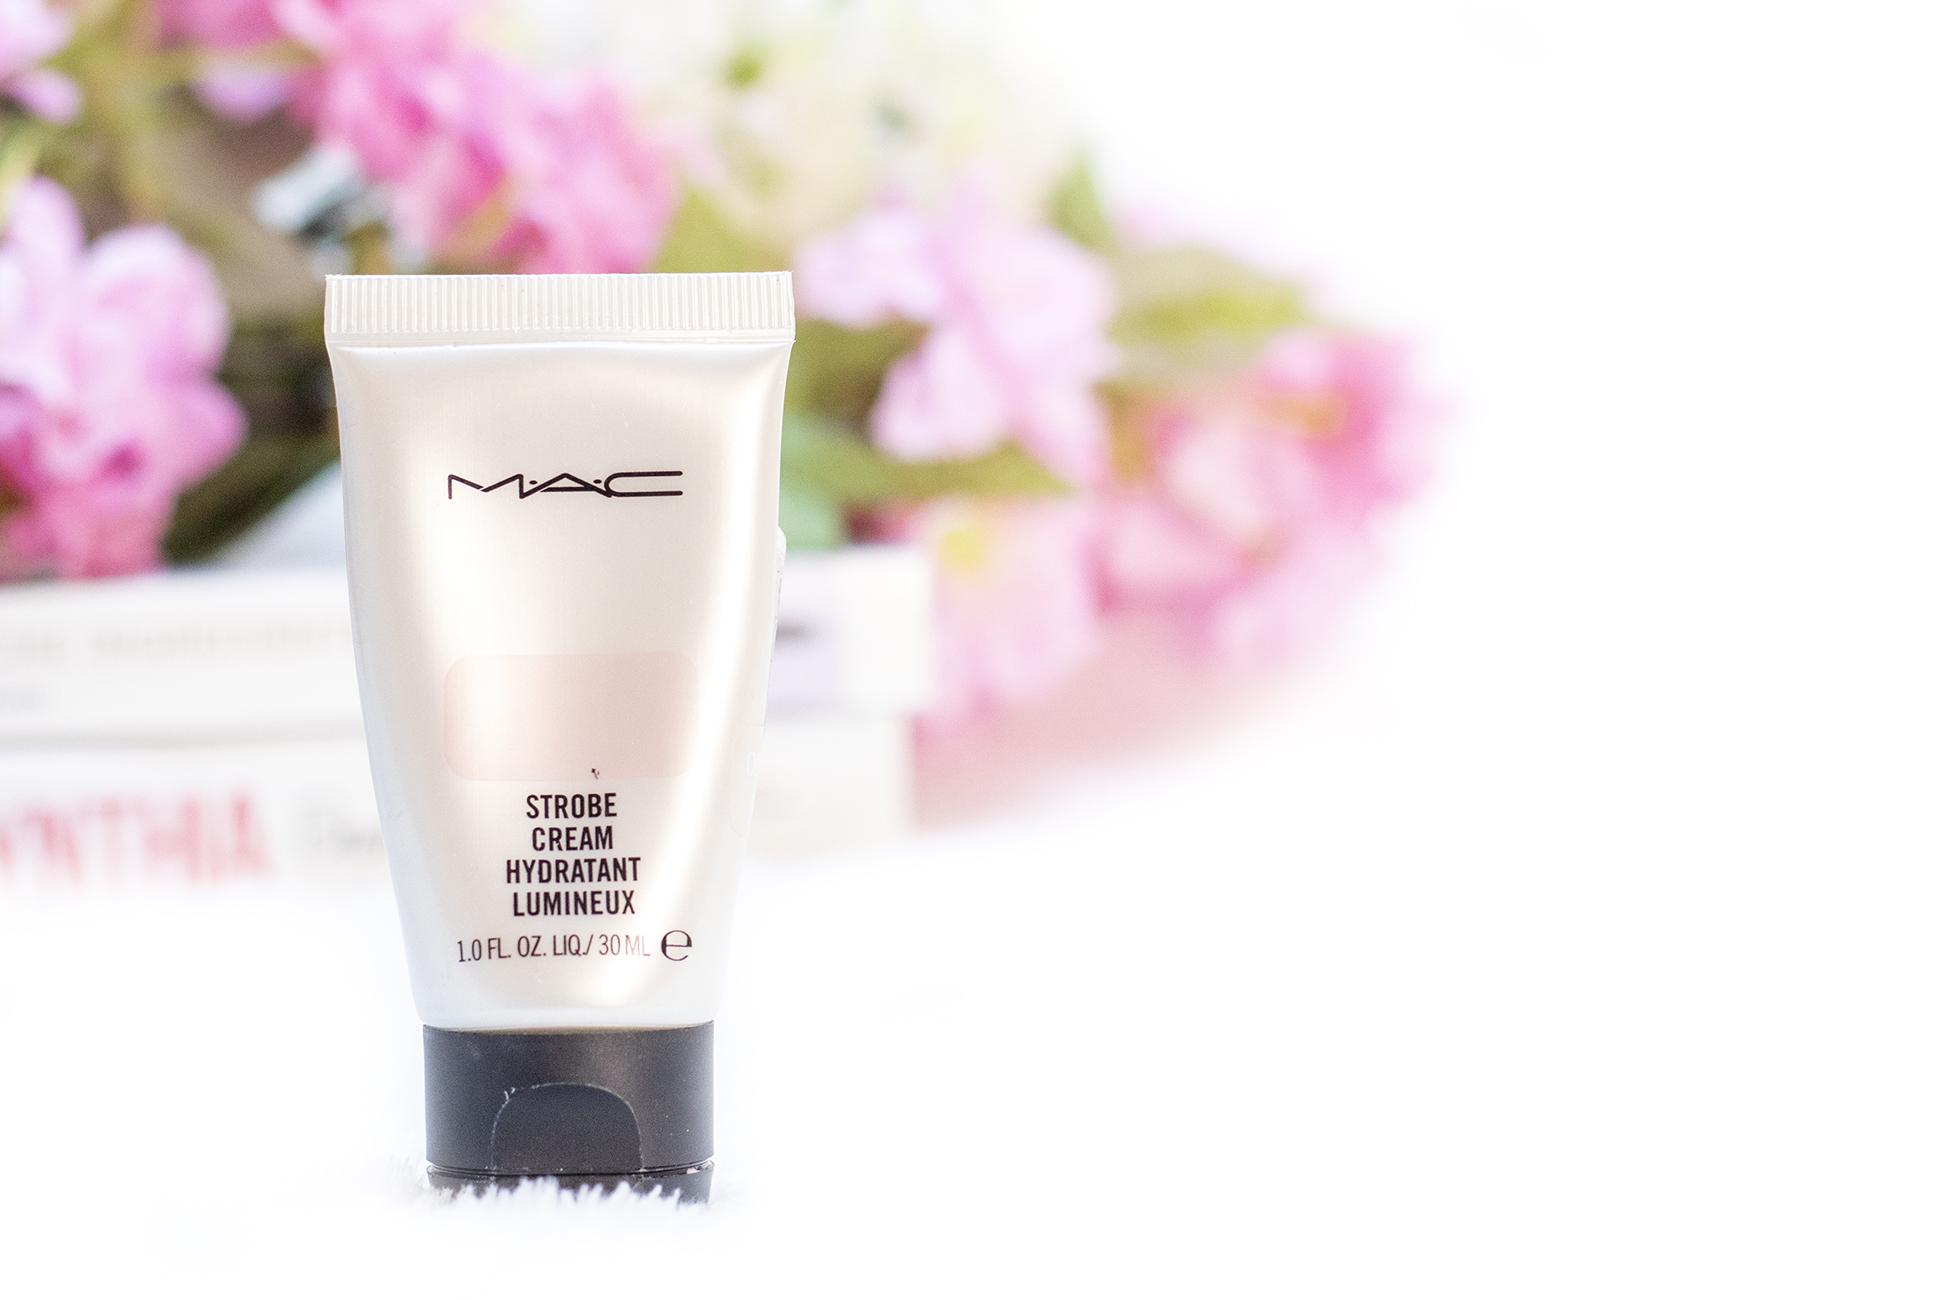 M.A.C strobe cream pink lite